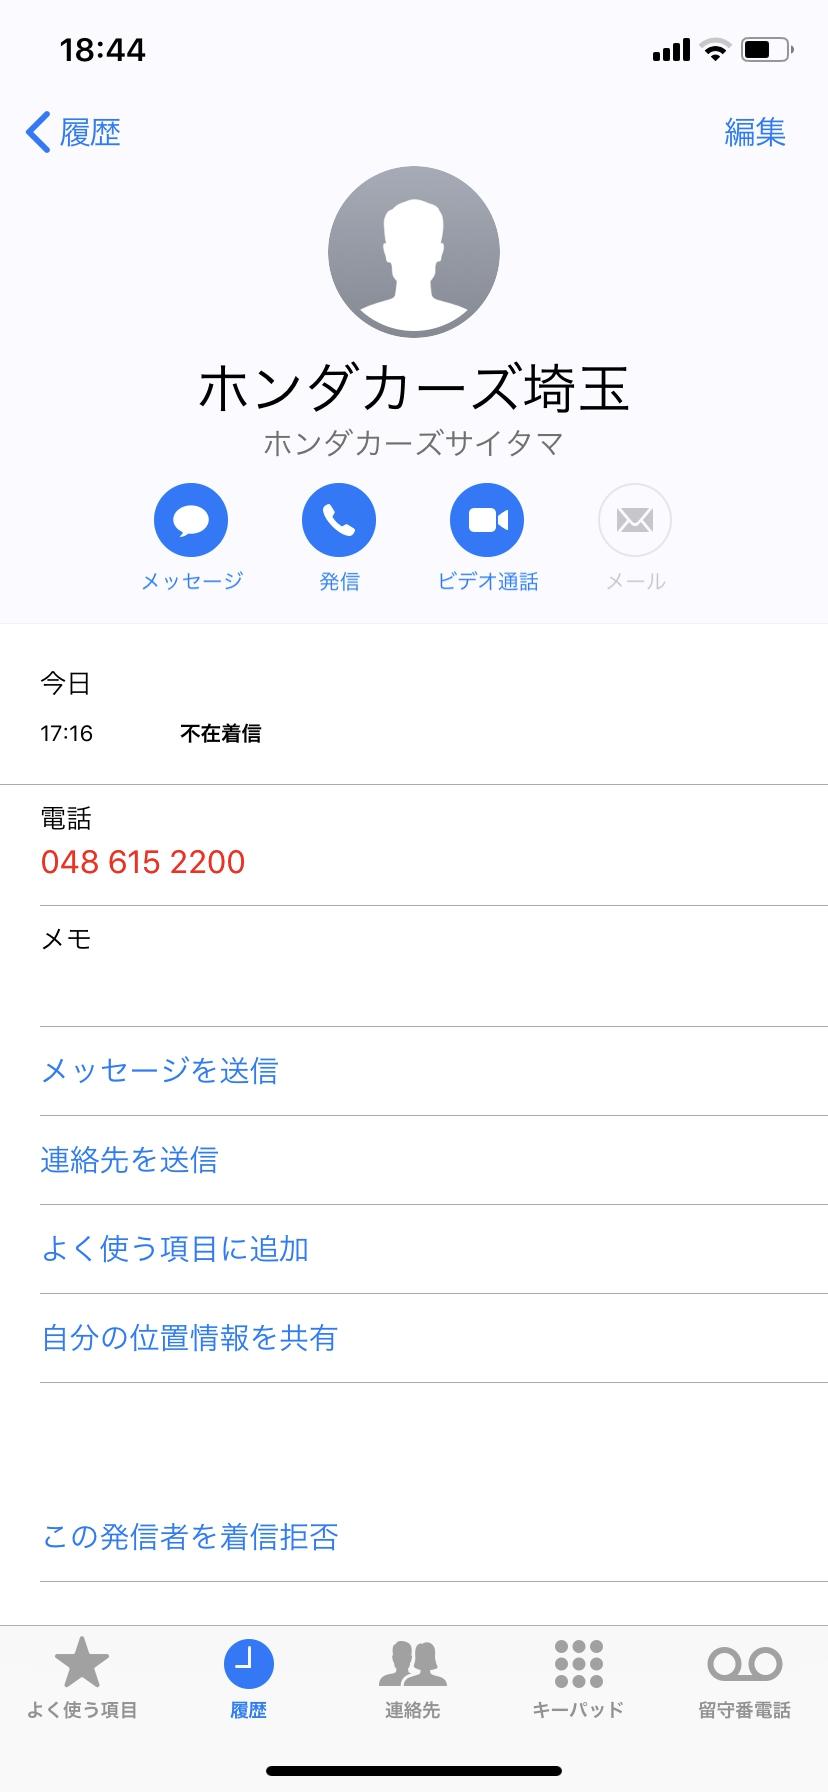 携帯電話に「048-615-2200」から着信が。ググったらホンダカーズ埼玉 本社からでした^^;